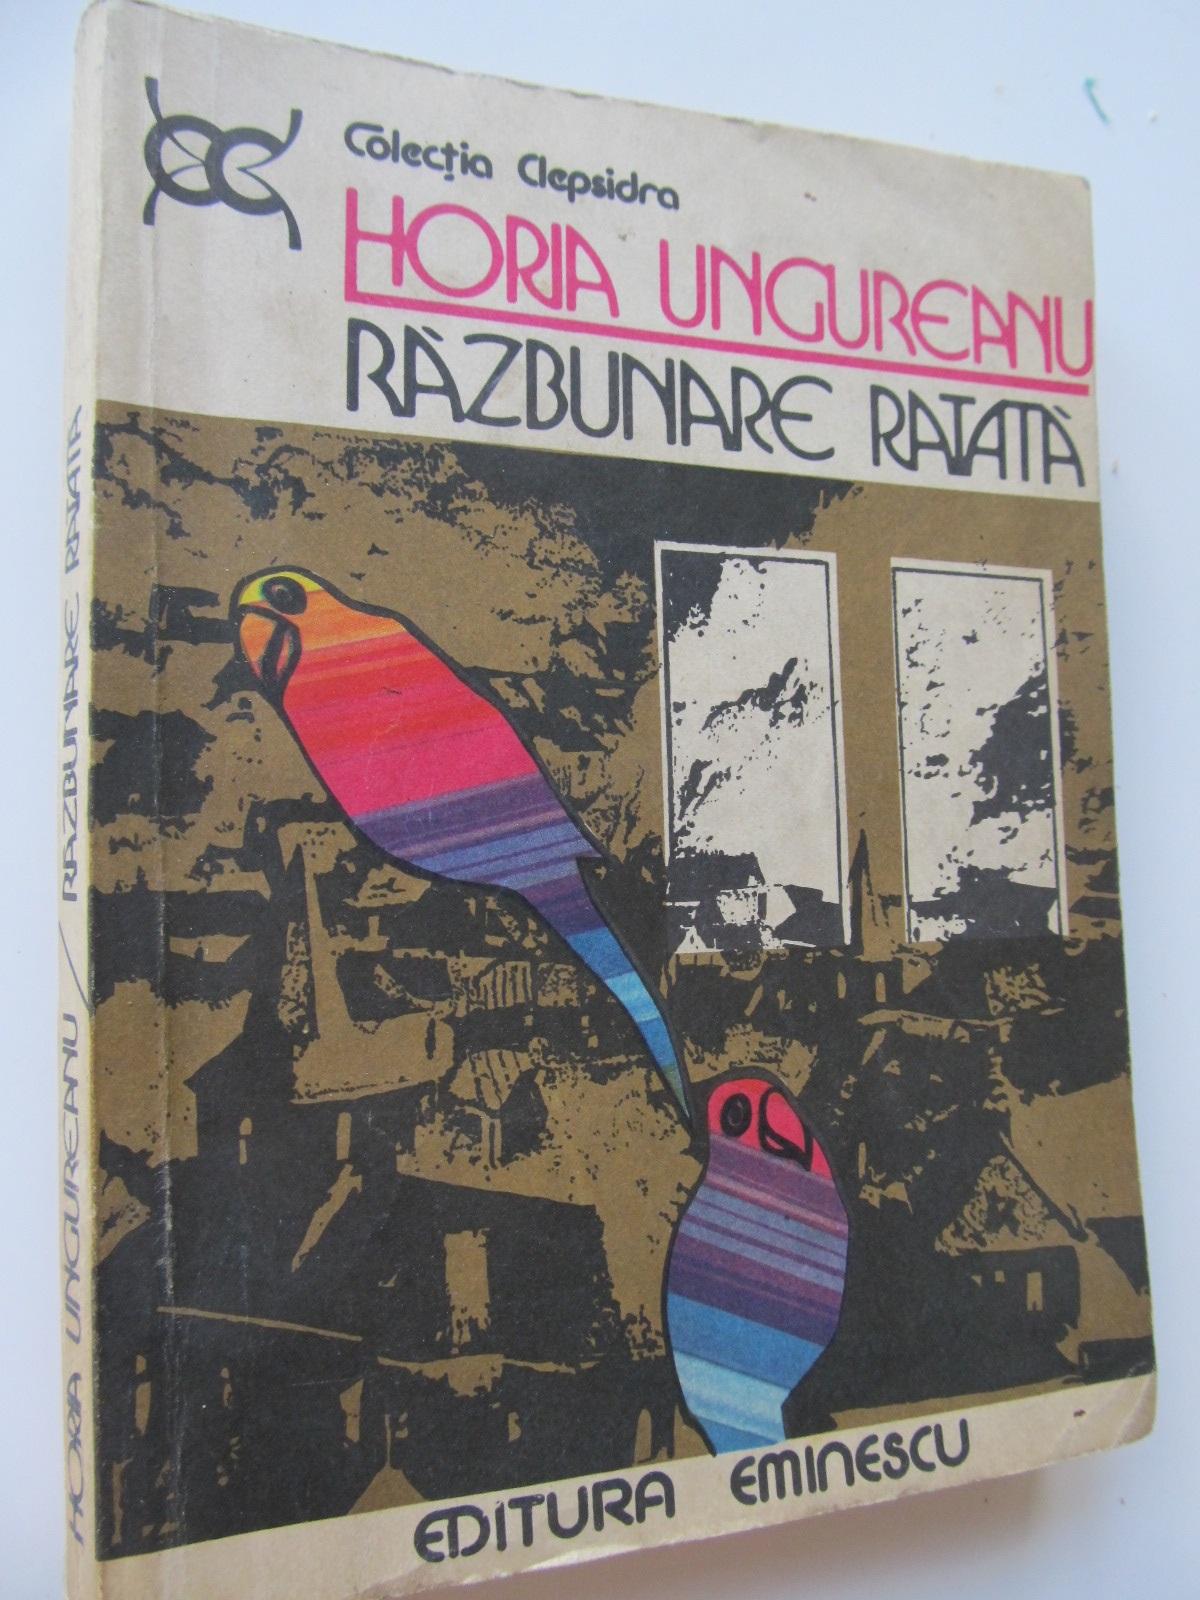 Razbunare ratata - Horia Ungureanu | Detalii carte